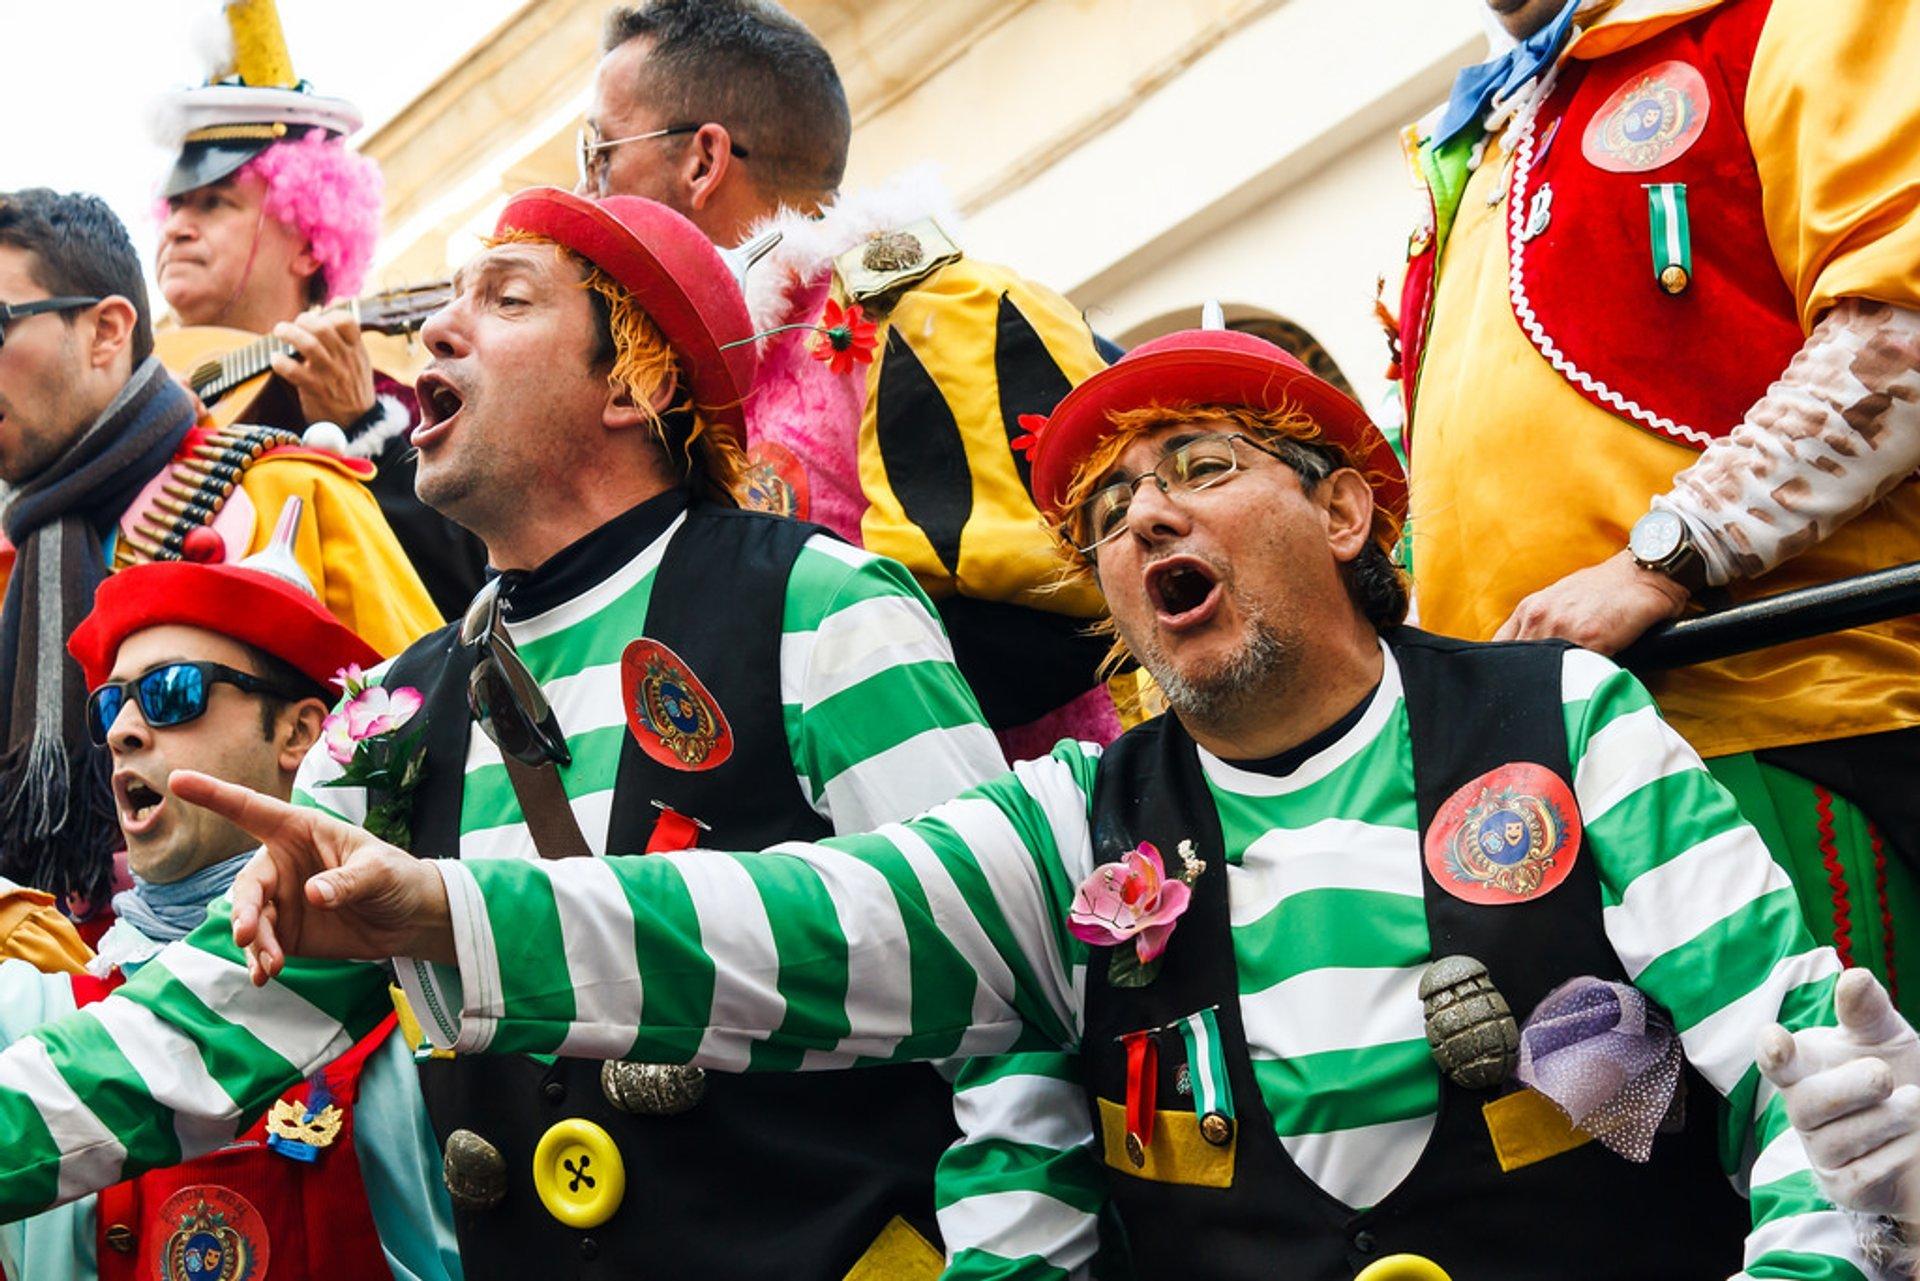 Cádiz Carnival in Spain 2019 - Best Time